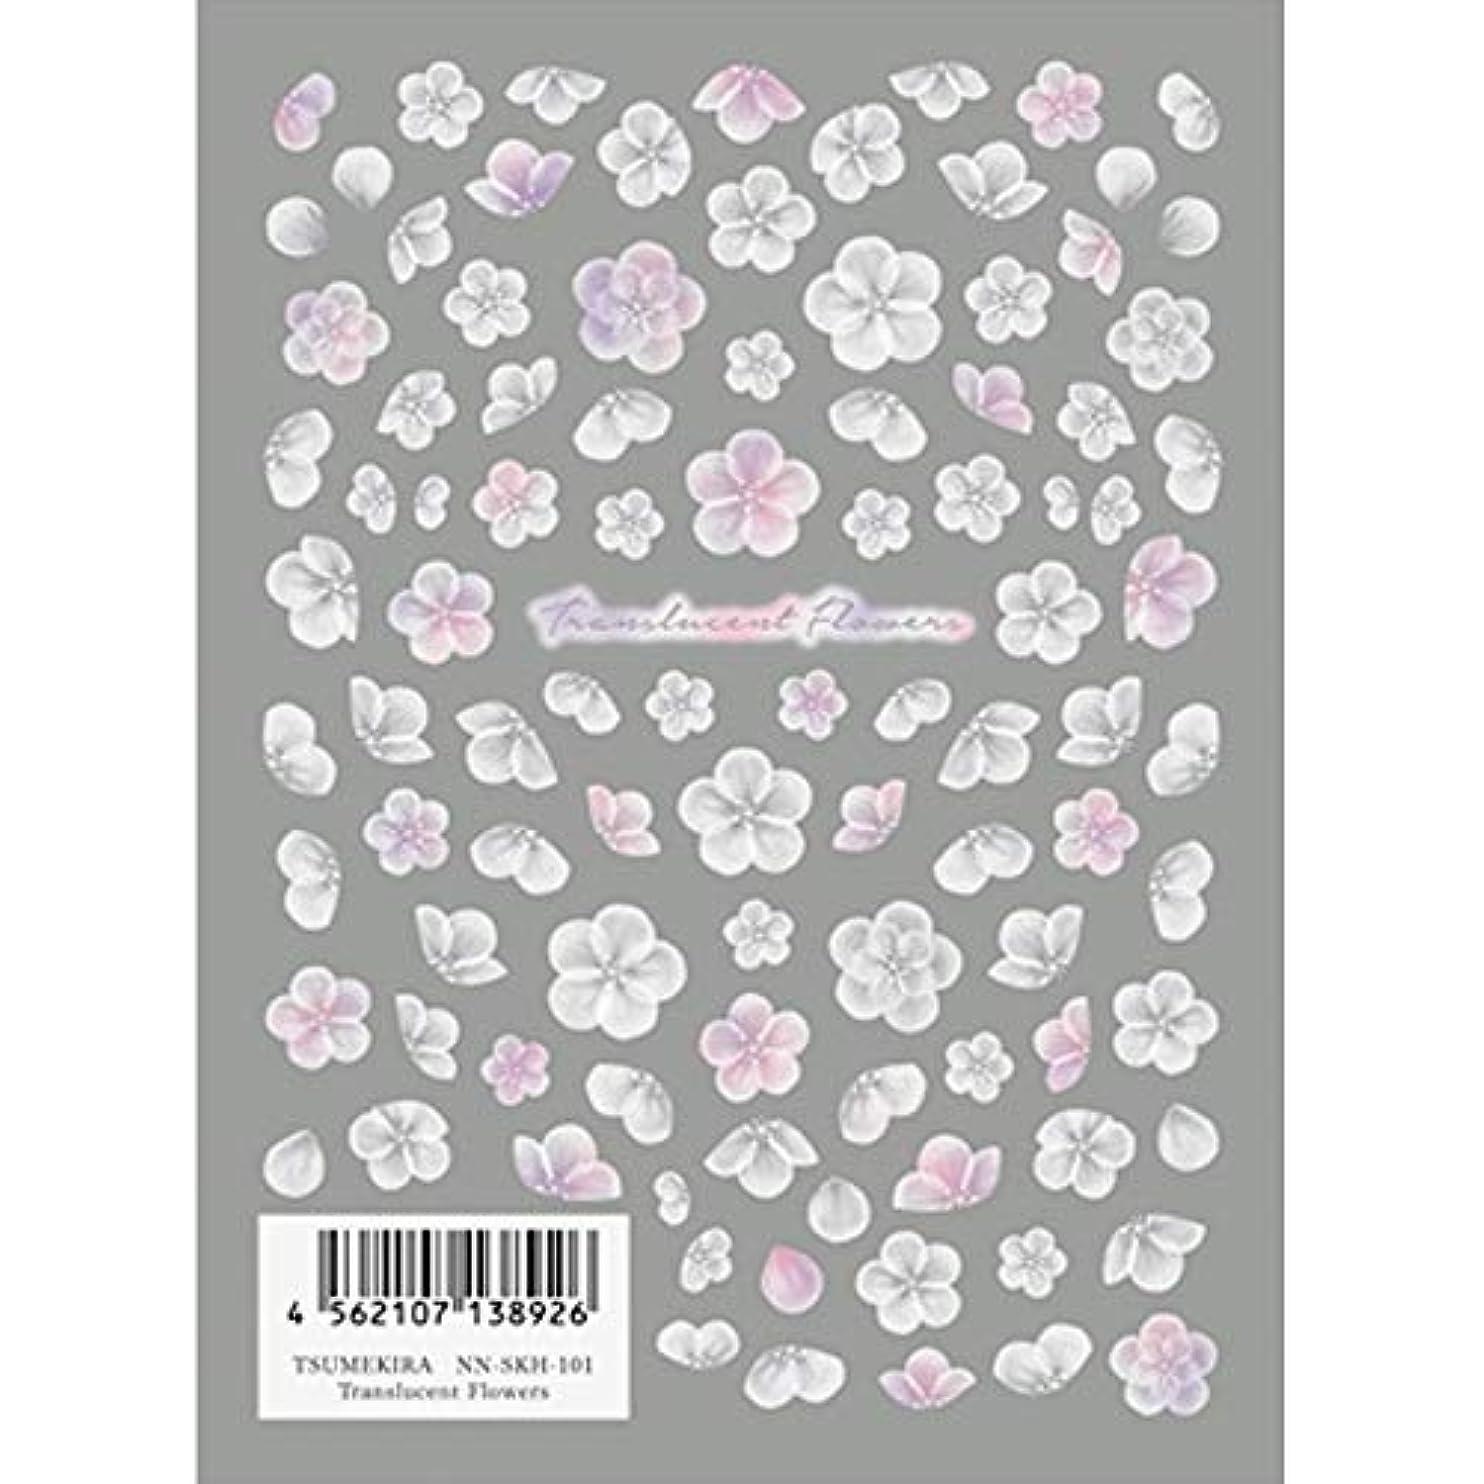 彼ら手段葉を拾うツメキラ(TSUMEKIRA) ネイル用シール Translucent Flowers NN-SKH-101